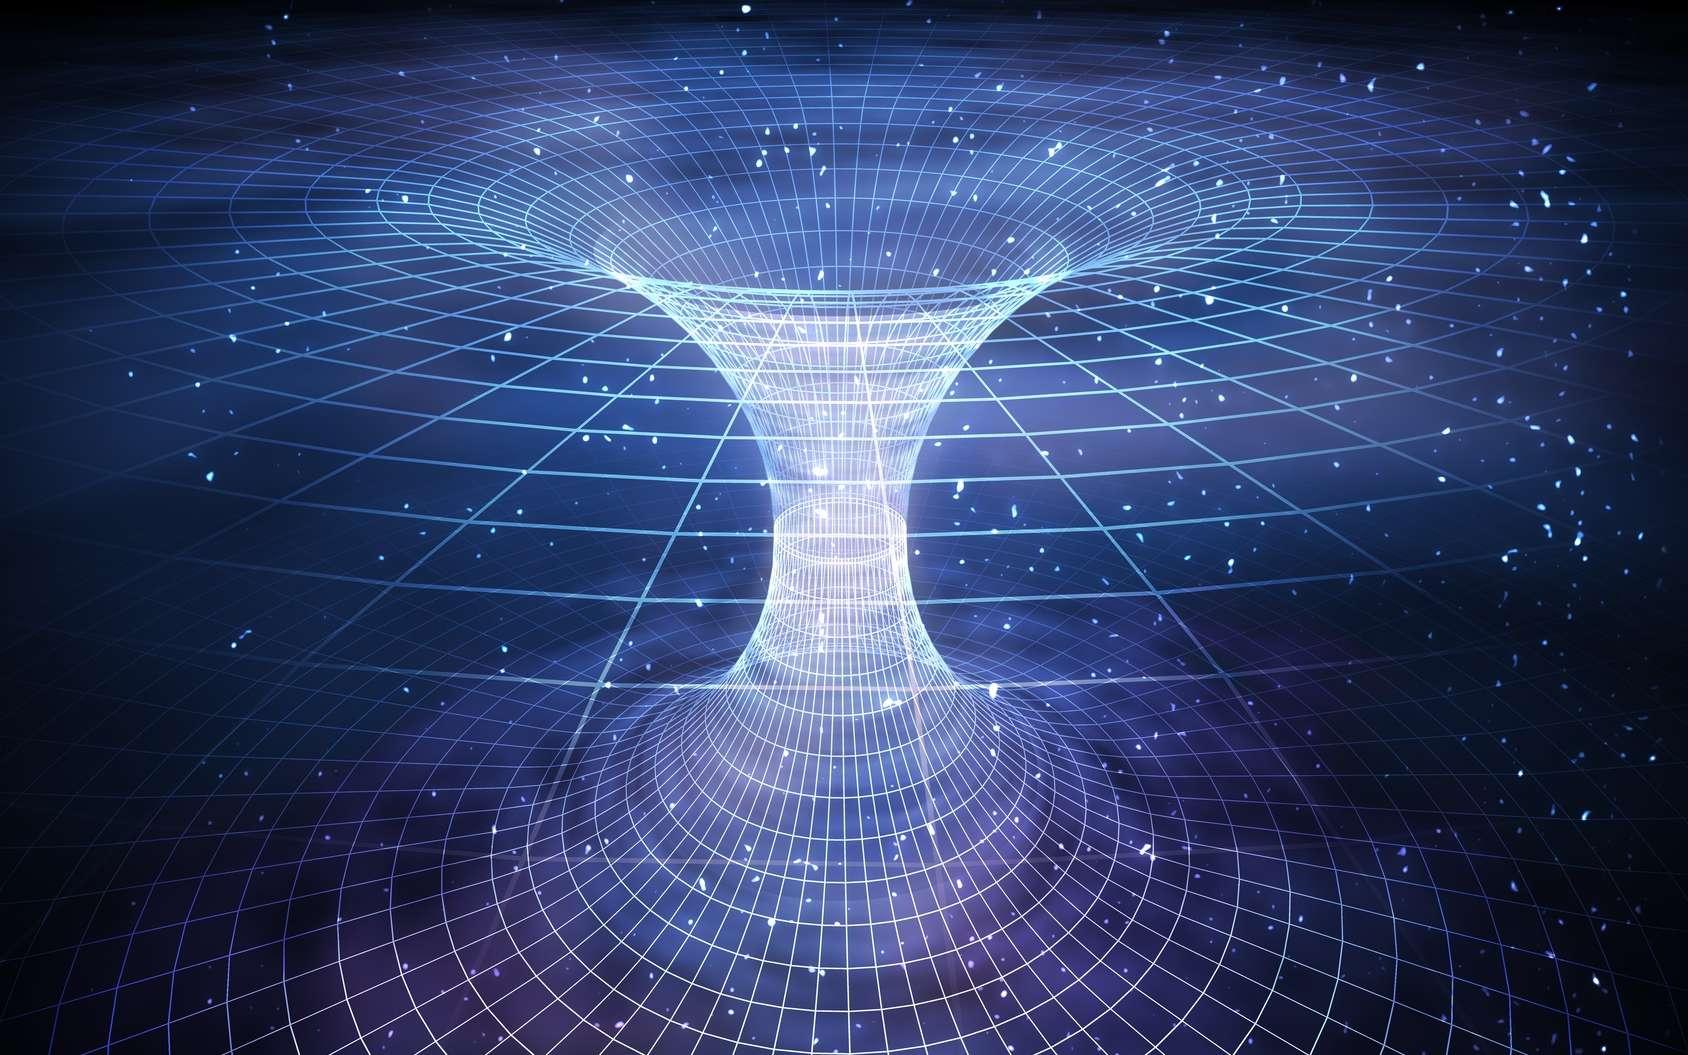 Un trou de ver (wormhole en anglais) traversable connecte deux régions de l'espace-temps. © vchalup, fotolia